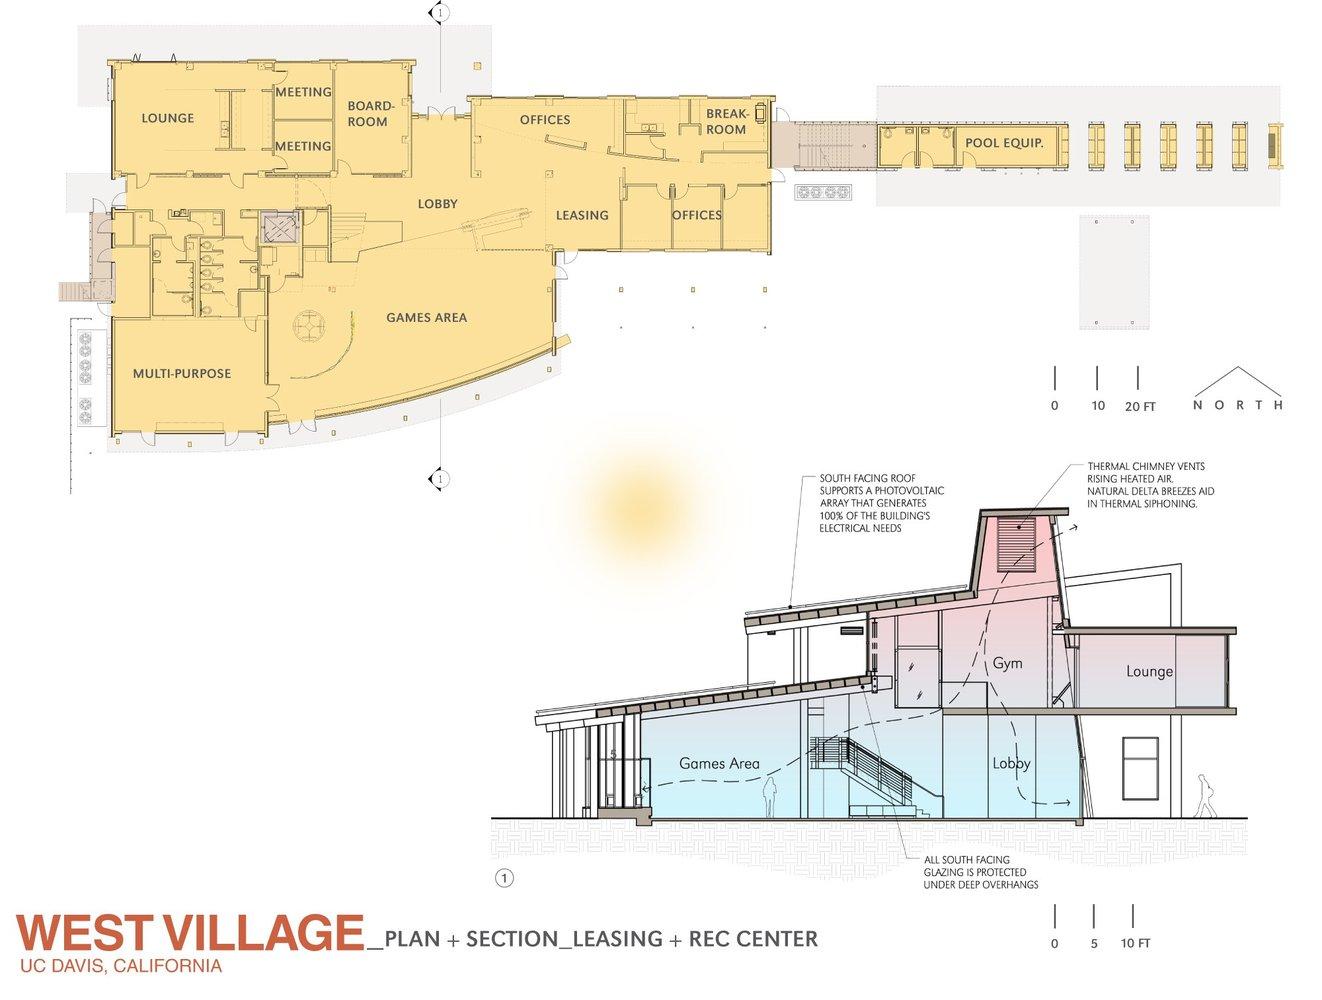 UC Davis West Village / Studio E Architects,Plan 01 Part 92